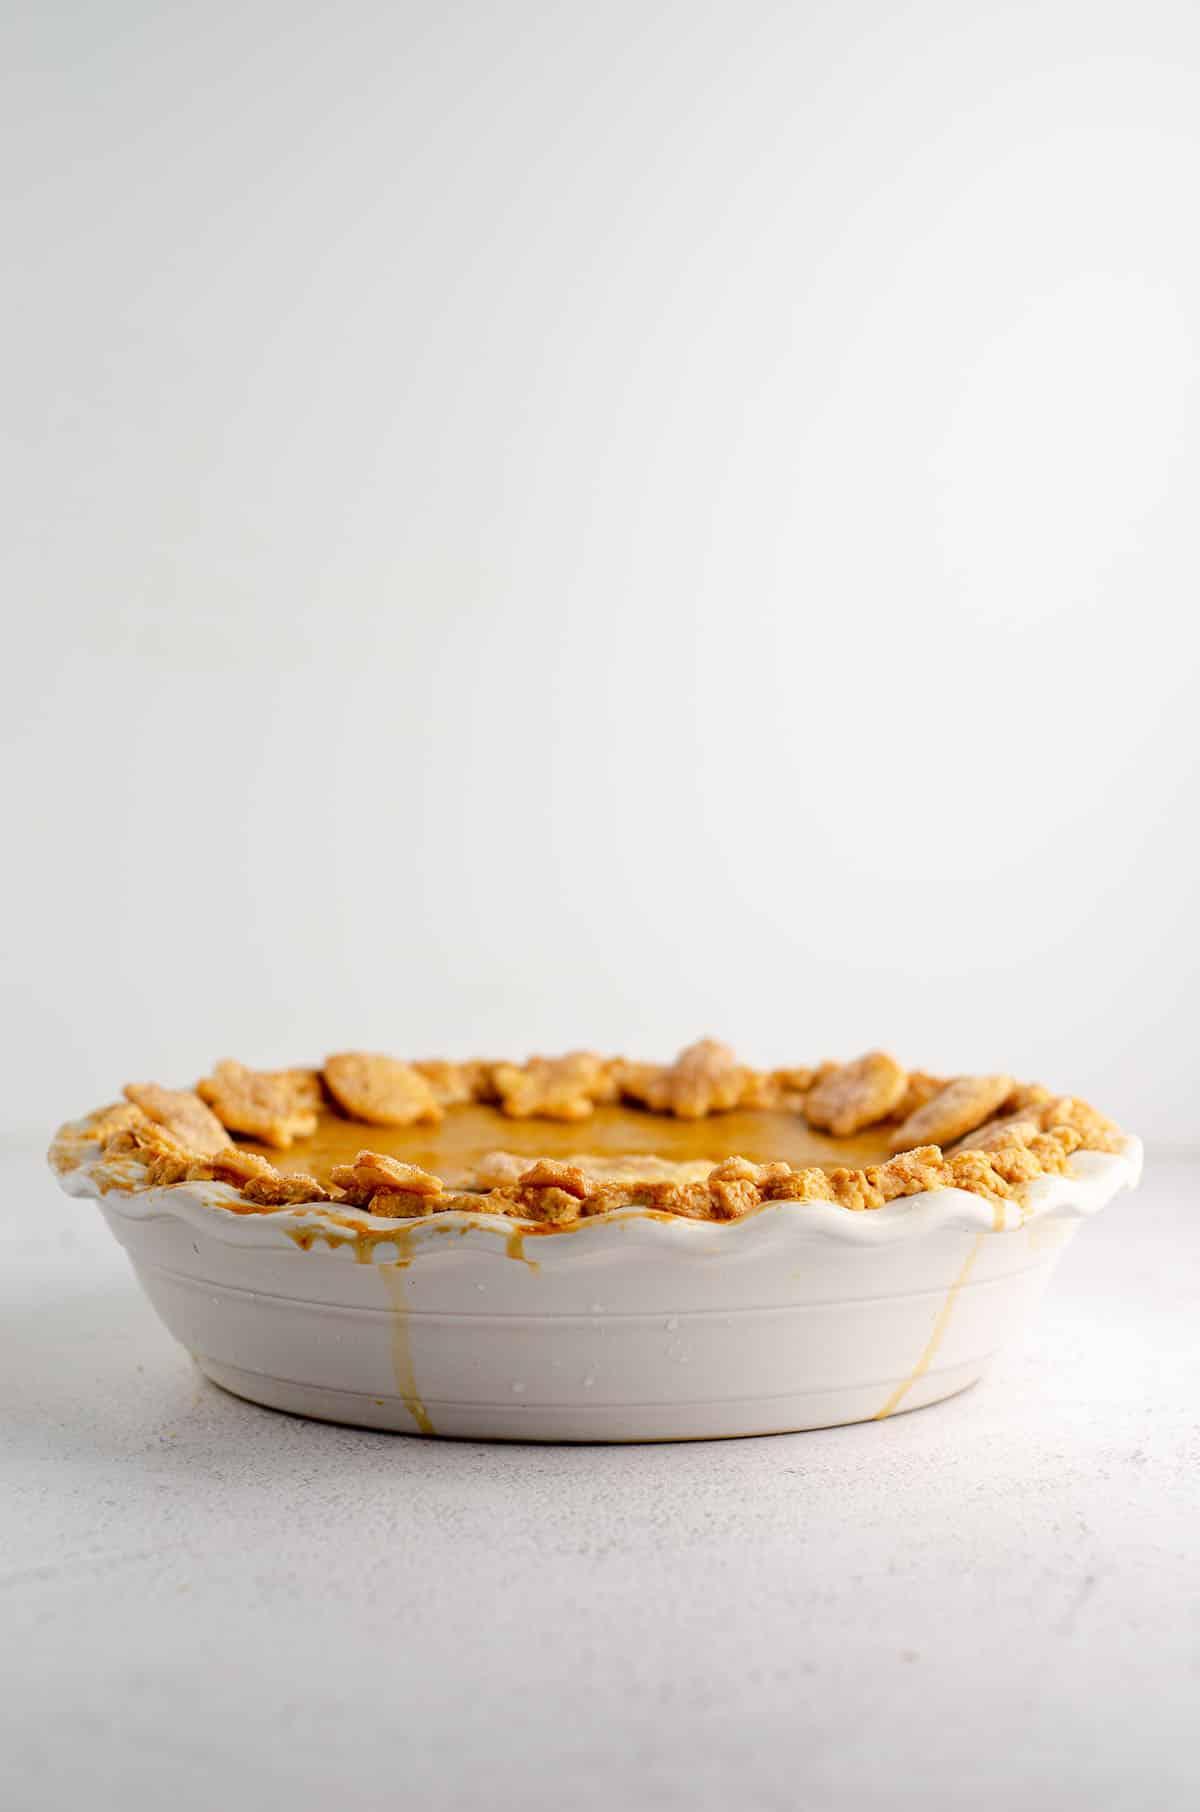 pumpkin pie in a white pie dish